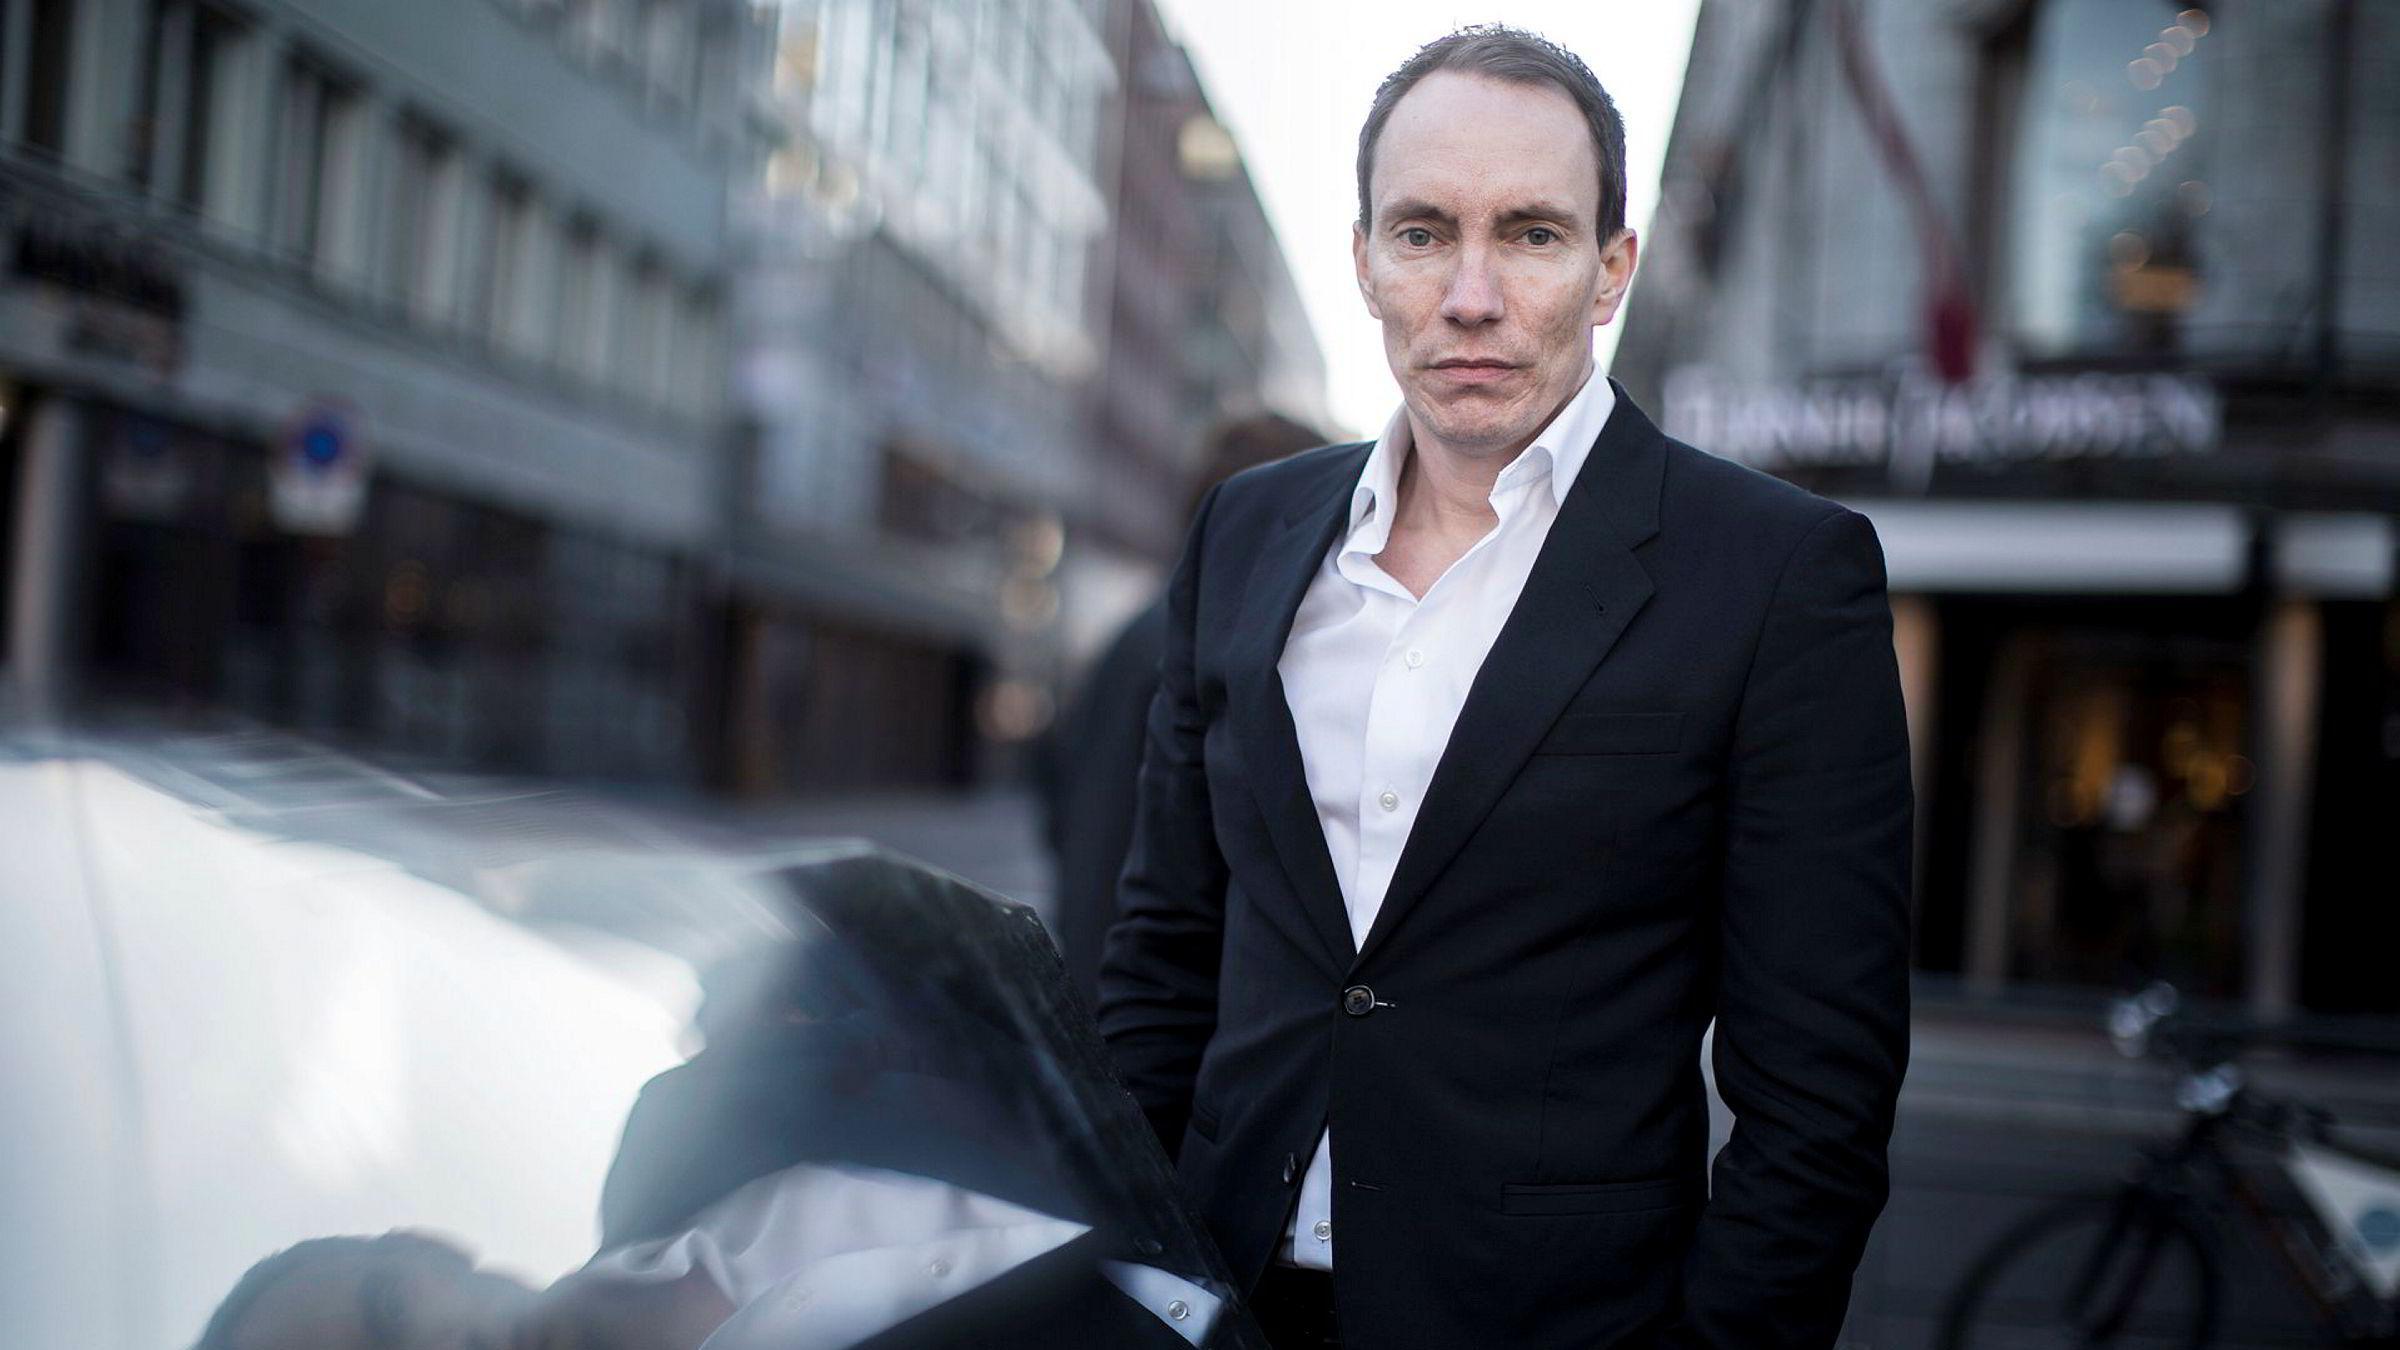 Gründeren Erik Egenæs i The Nordic Group har reagert kraftig på inndragelse av konsesjonen til datterselskapet Nordic Securities. Nå er datterselskapet omfattet av siktelse og etterforskning av Økokrim.